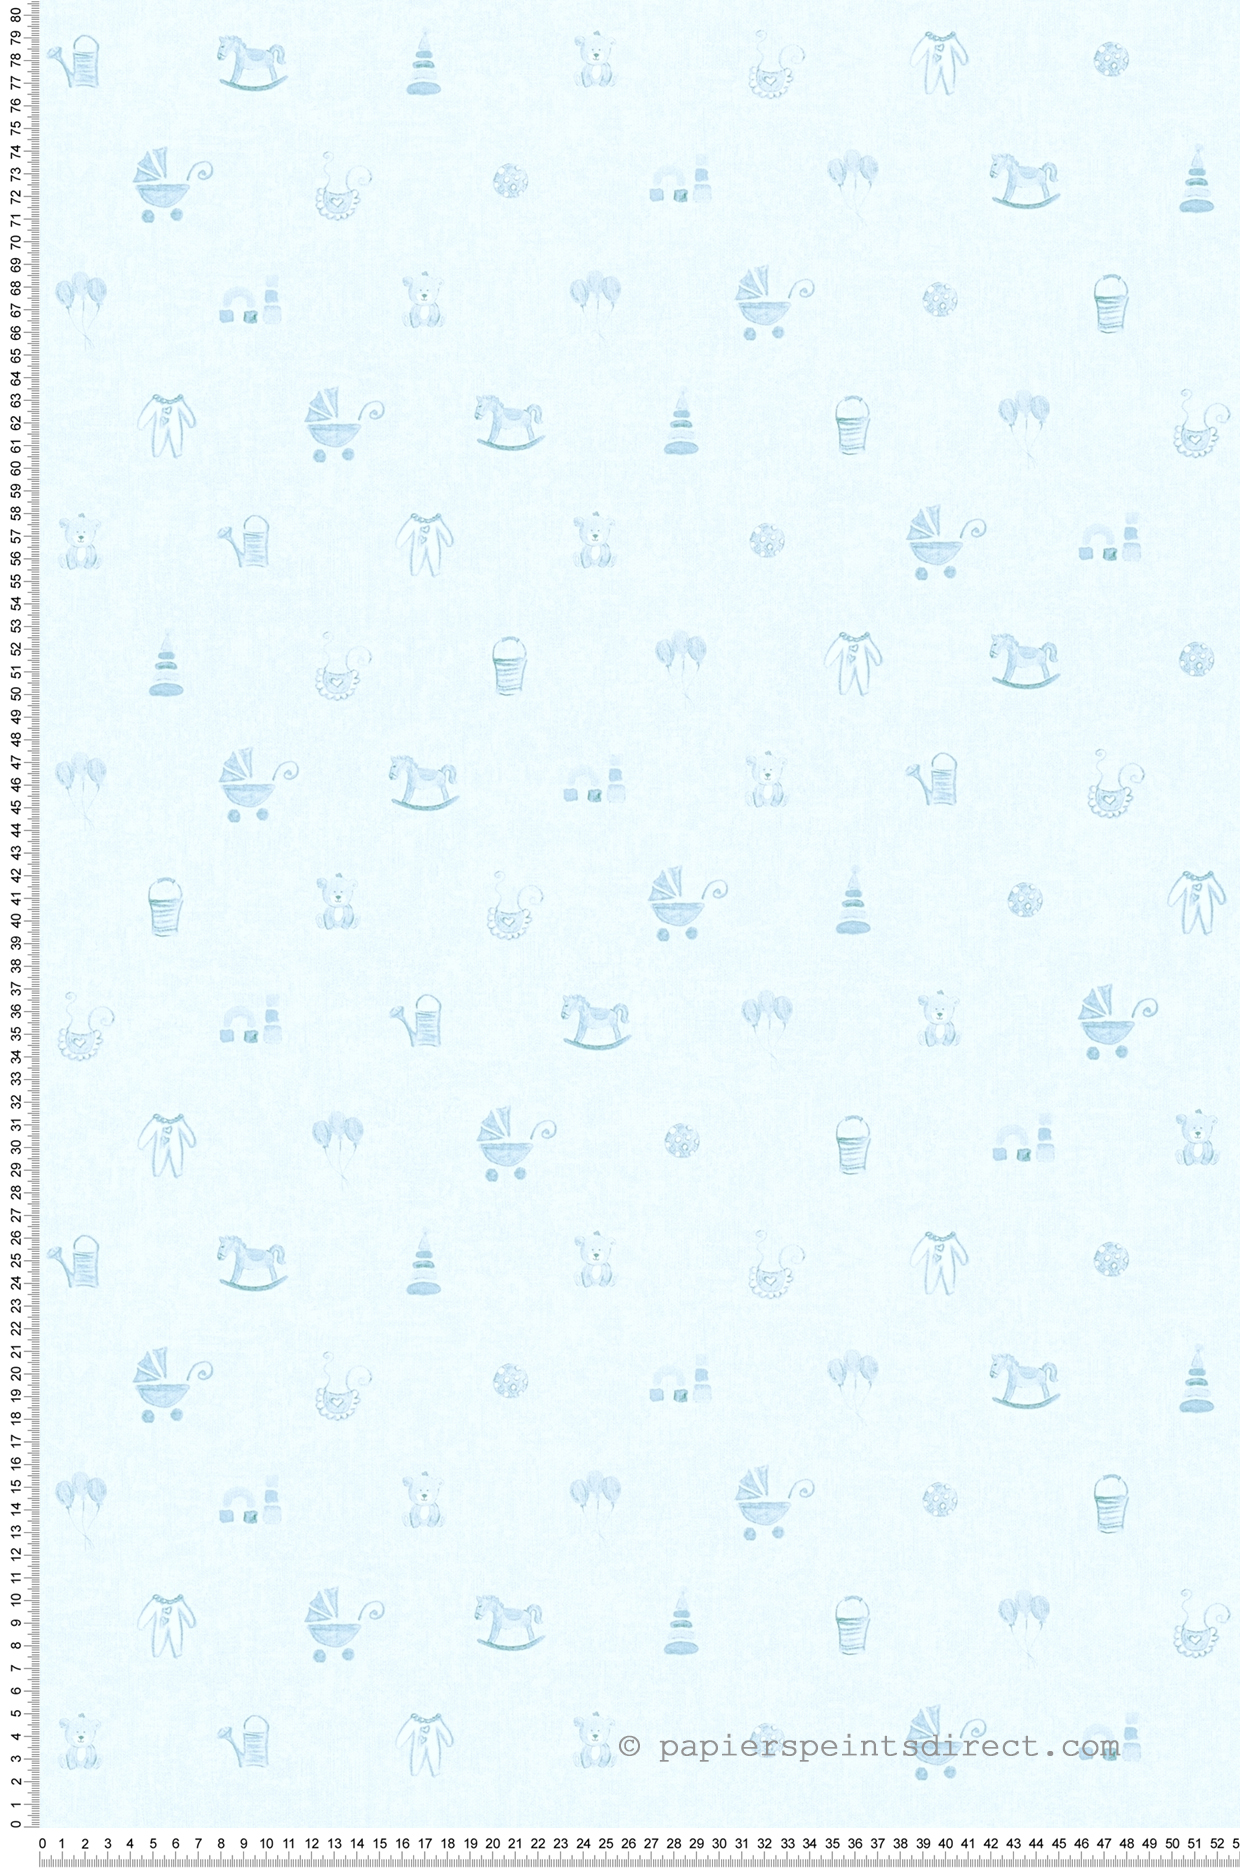 Papier peint jeux d'enfant bleu - Little Stars AS Création | Réf. SP04383